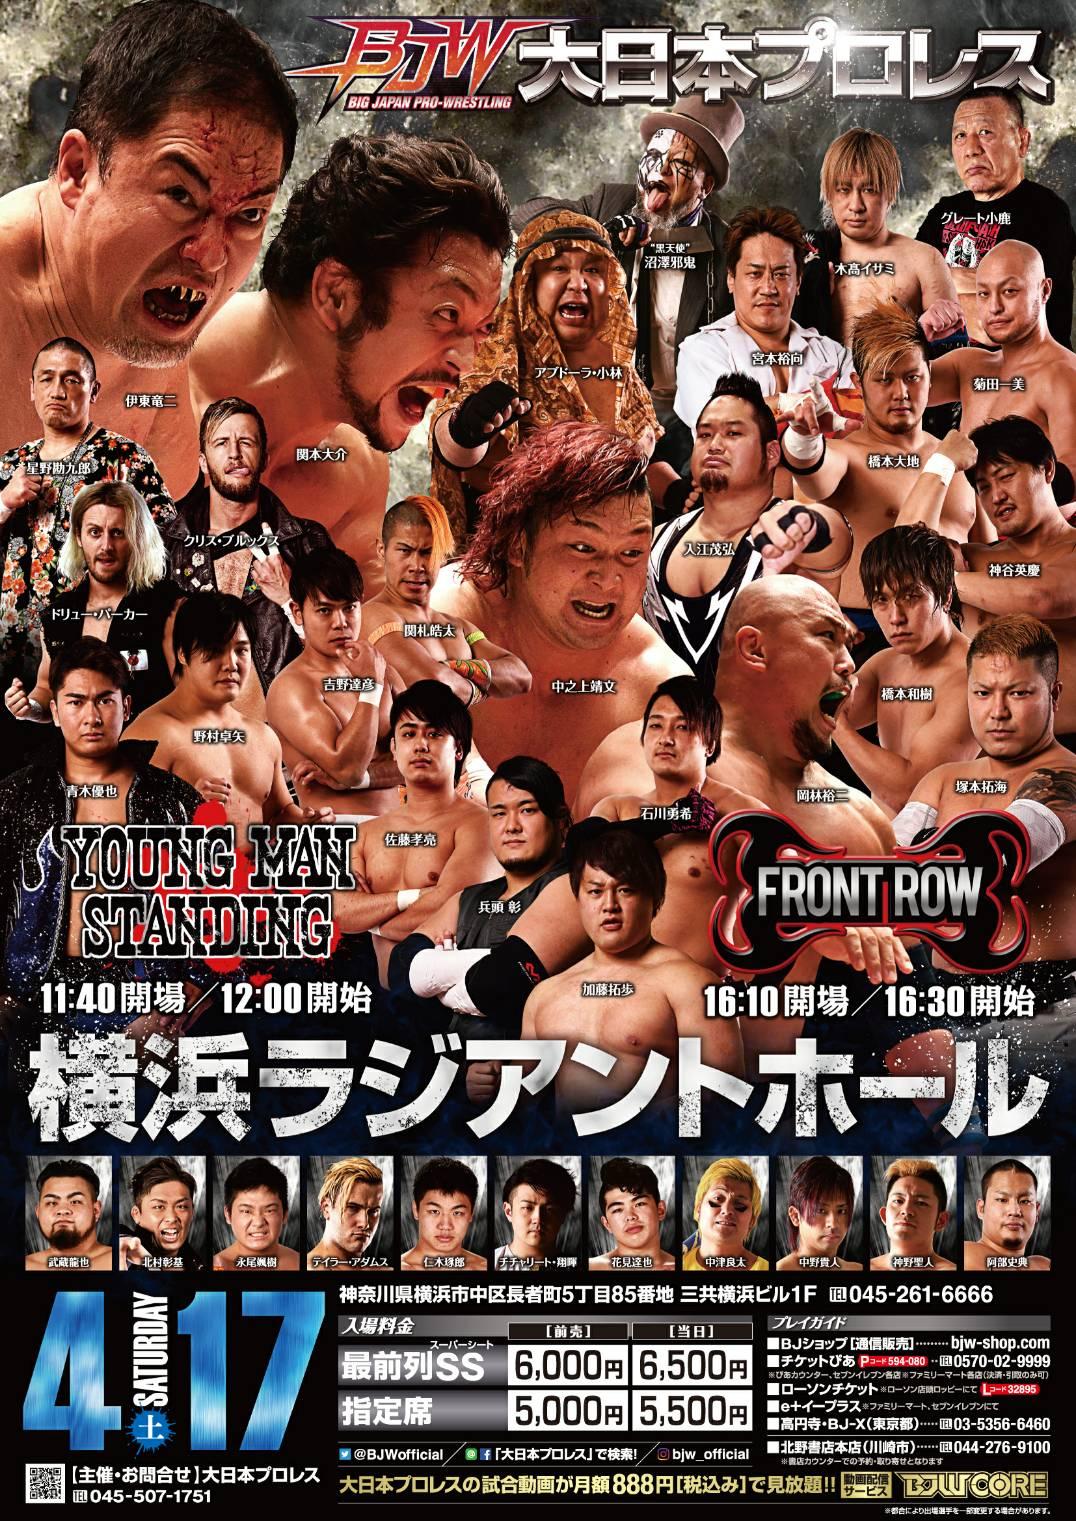 【2部興行・第2部】「FRONT ROW」神奈川・横浜ラジアントホール大会